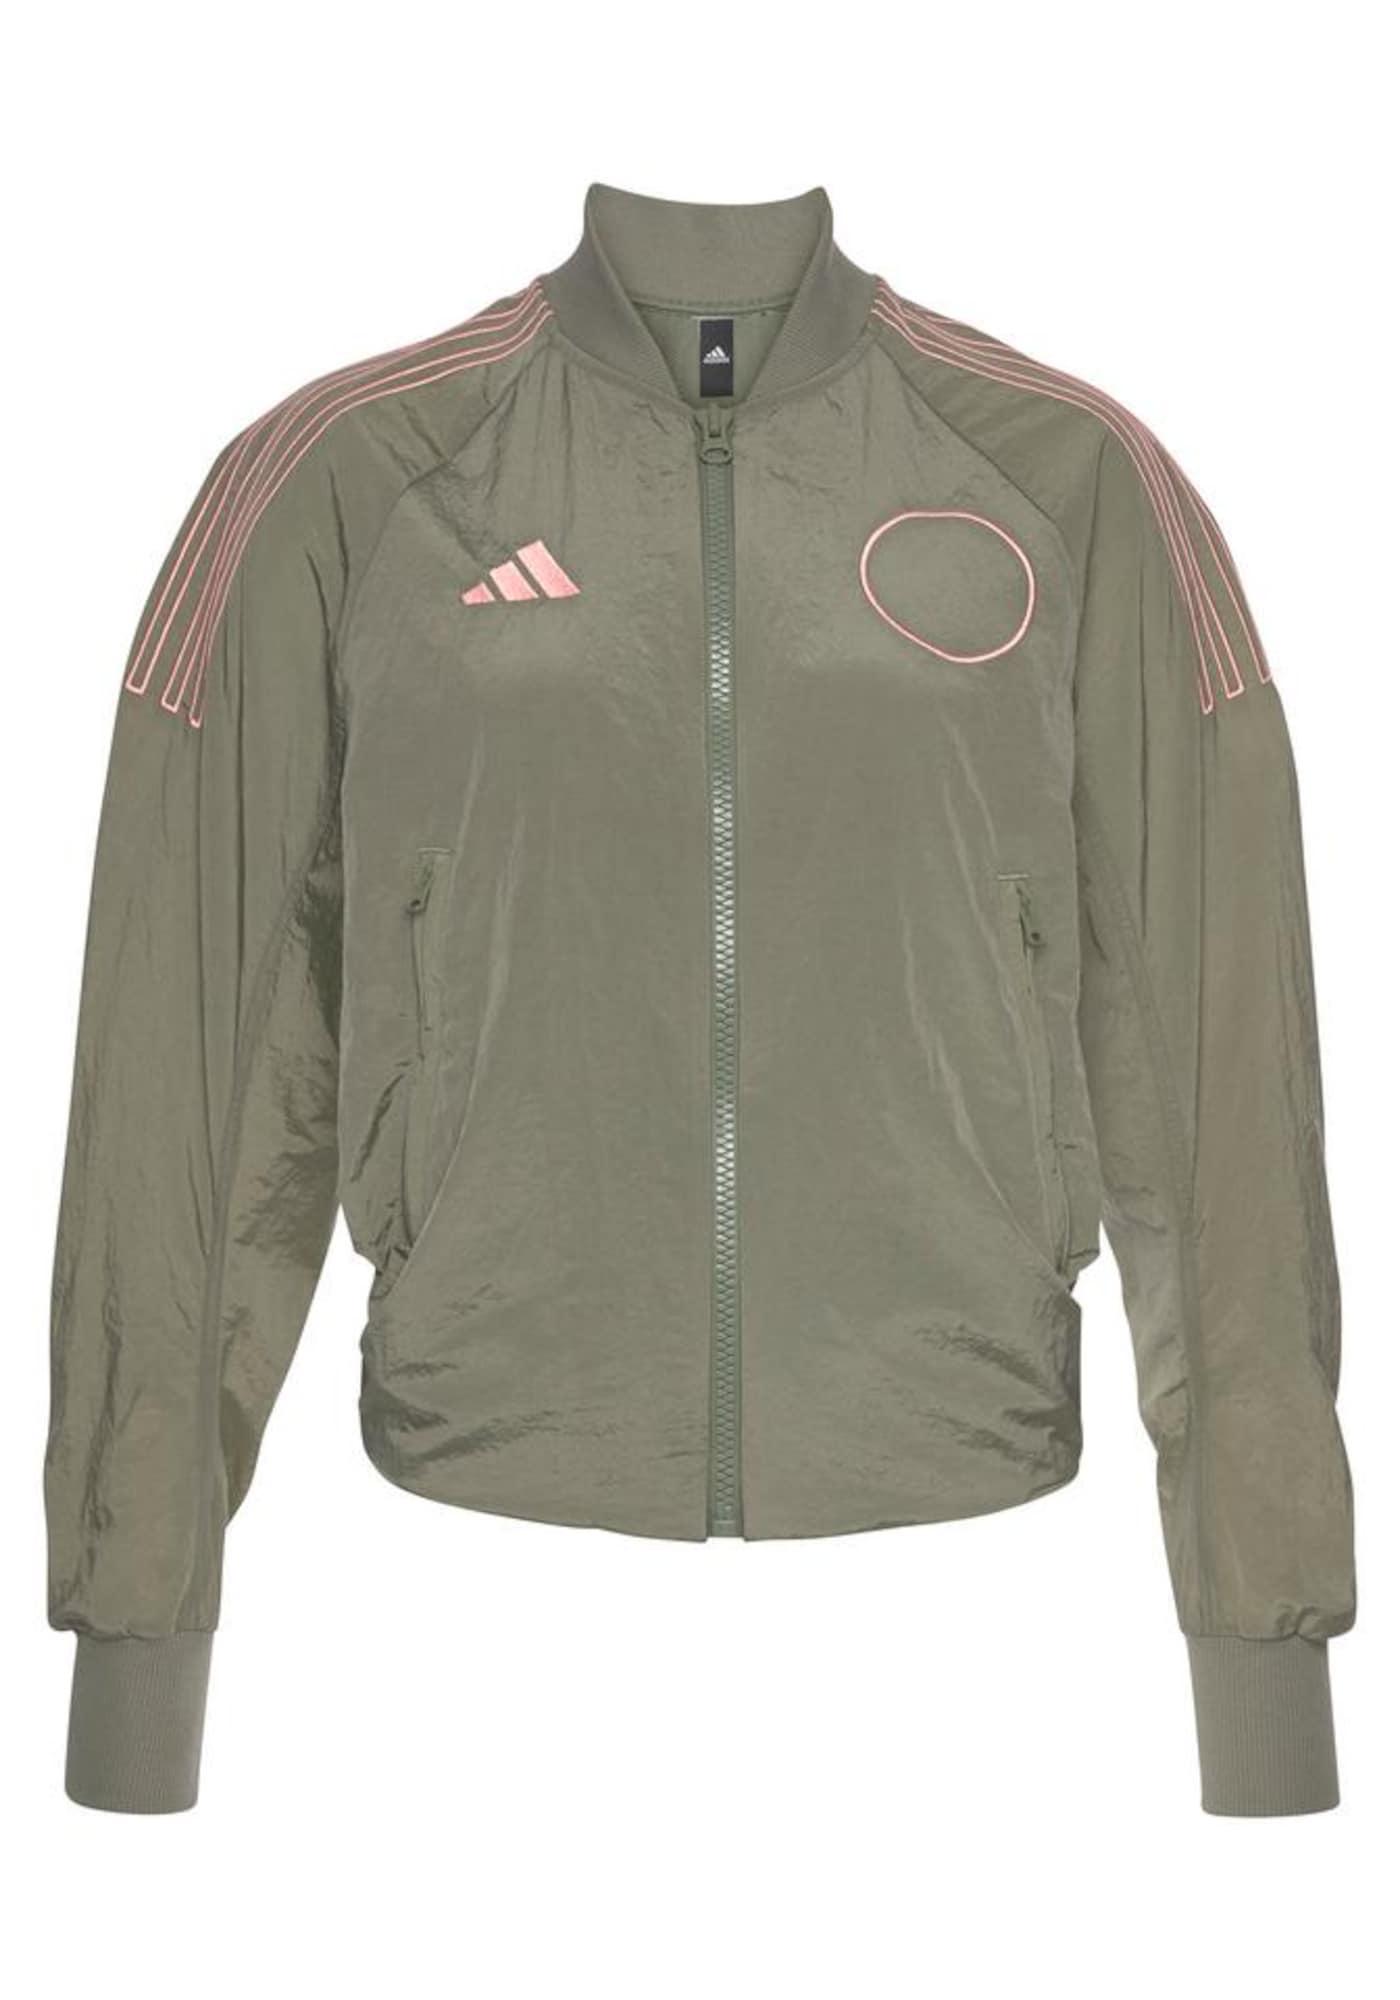 ADIDAS PERFORMANCE Sportinė striukė šviesiai rožinė / alyvuogių spalva